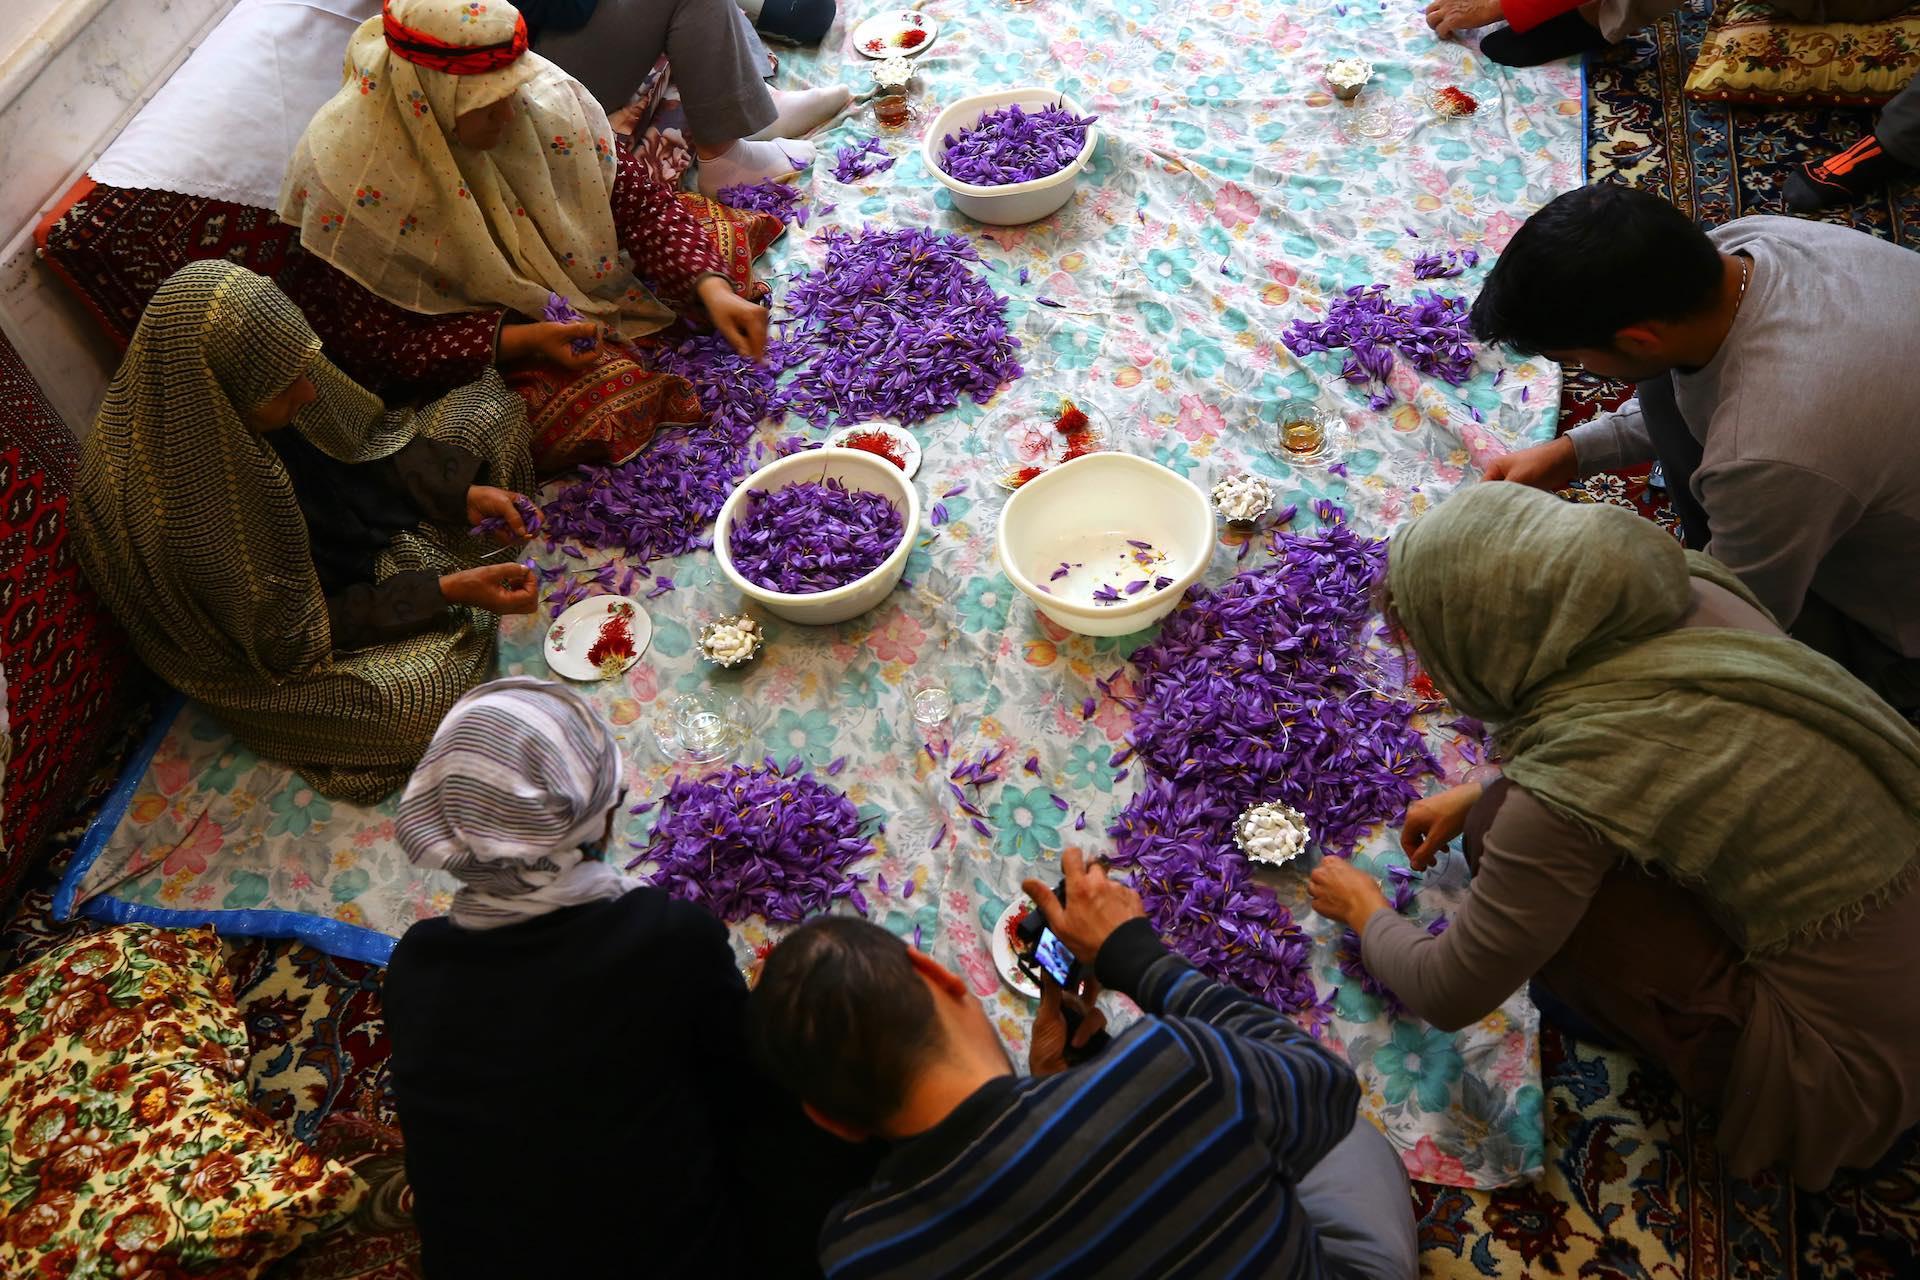 viaggio_in_Iran_alla_scoperta_dello_zafferano_iraniano_4_-_pistilli.jpg